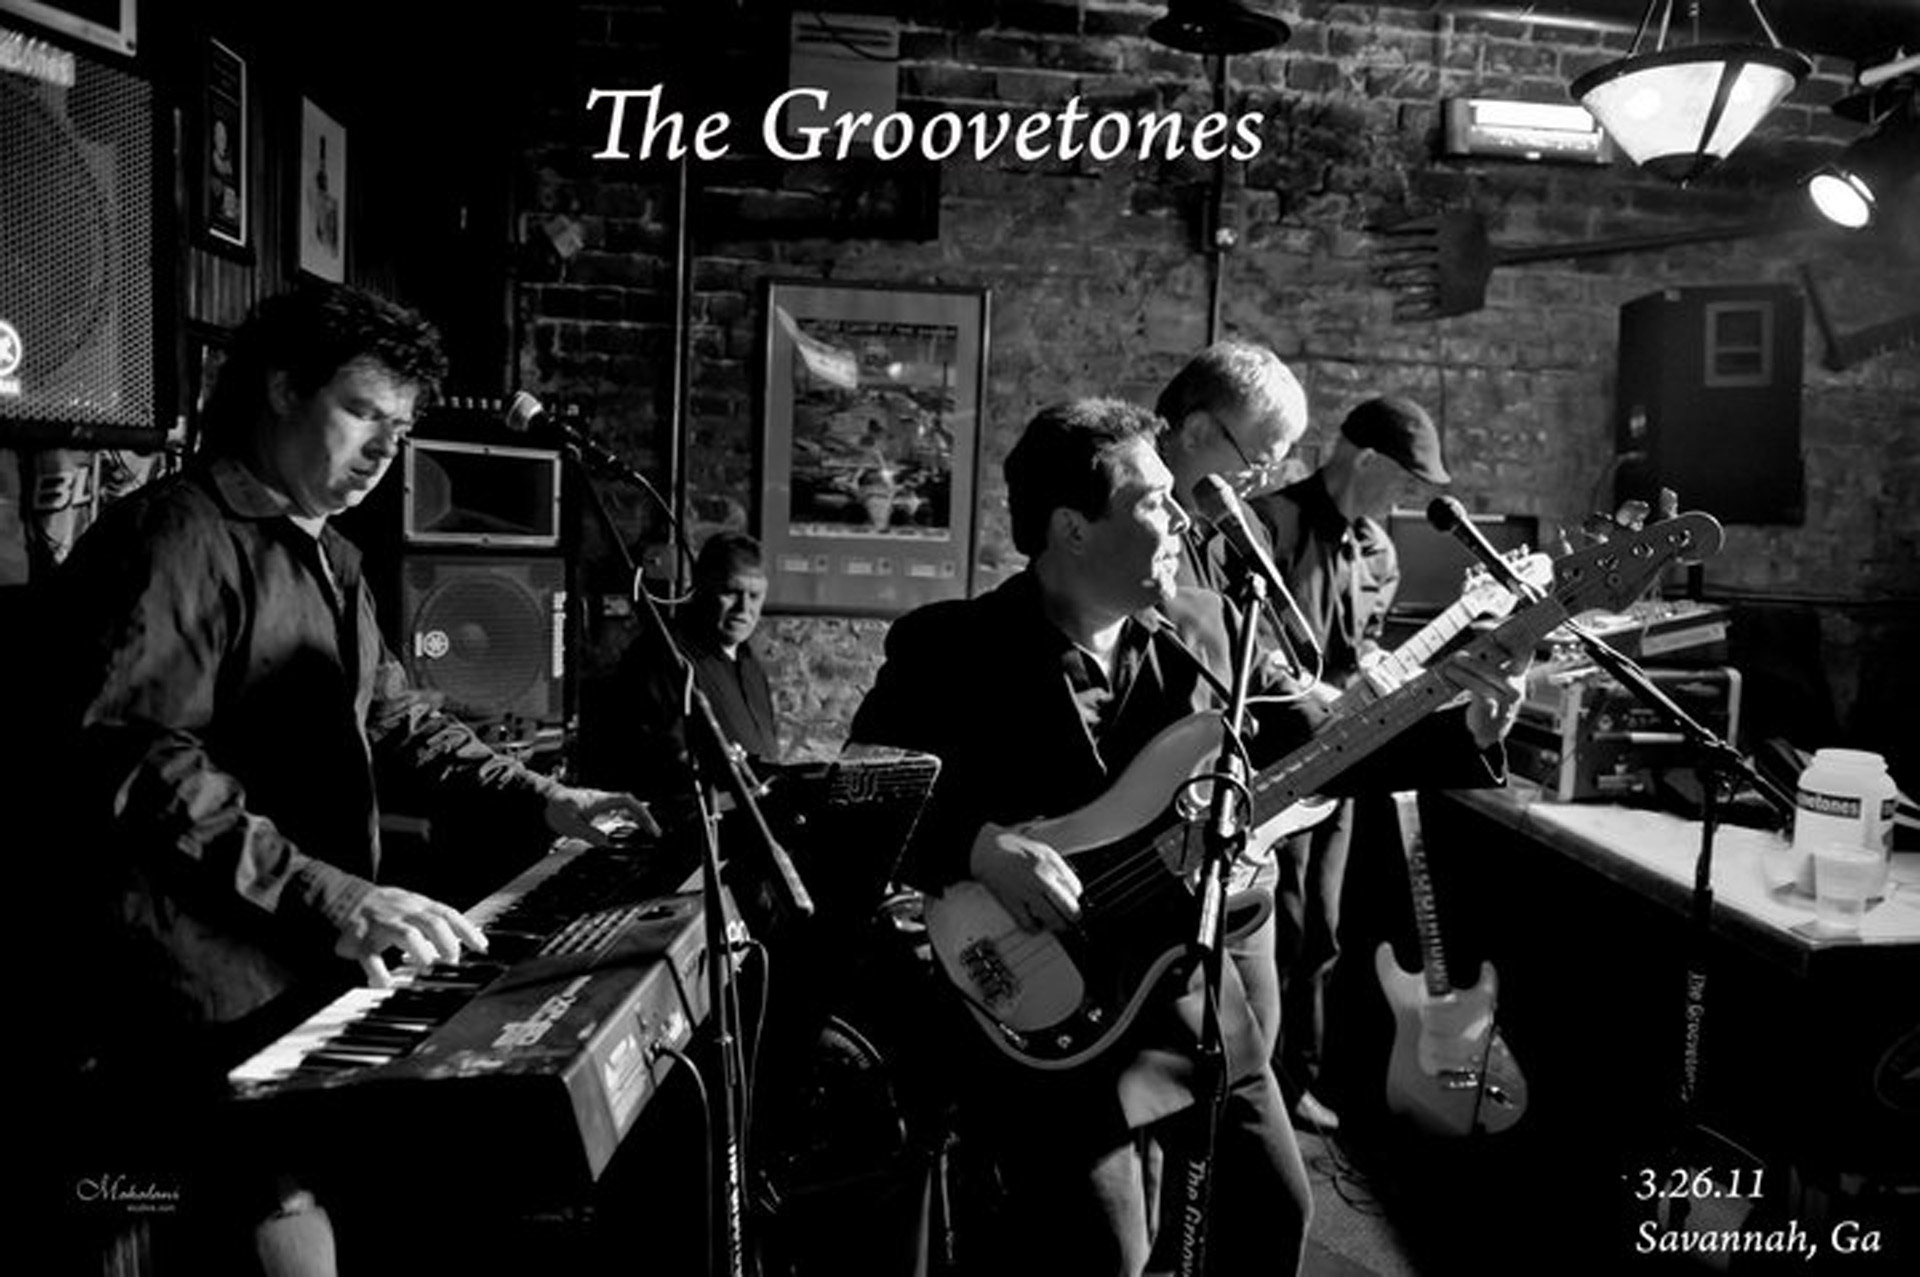 Groovetones